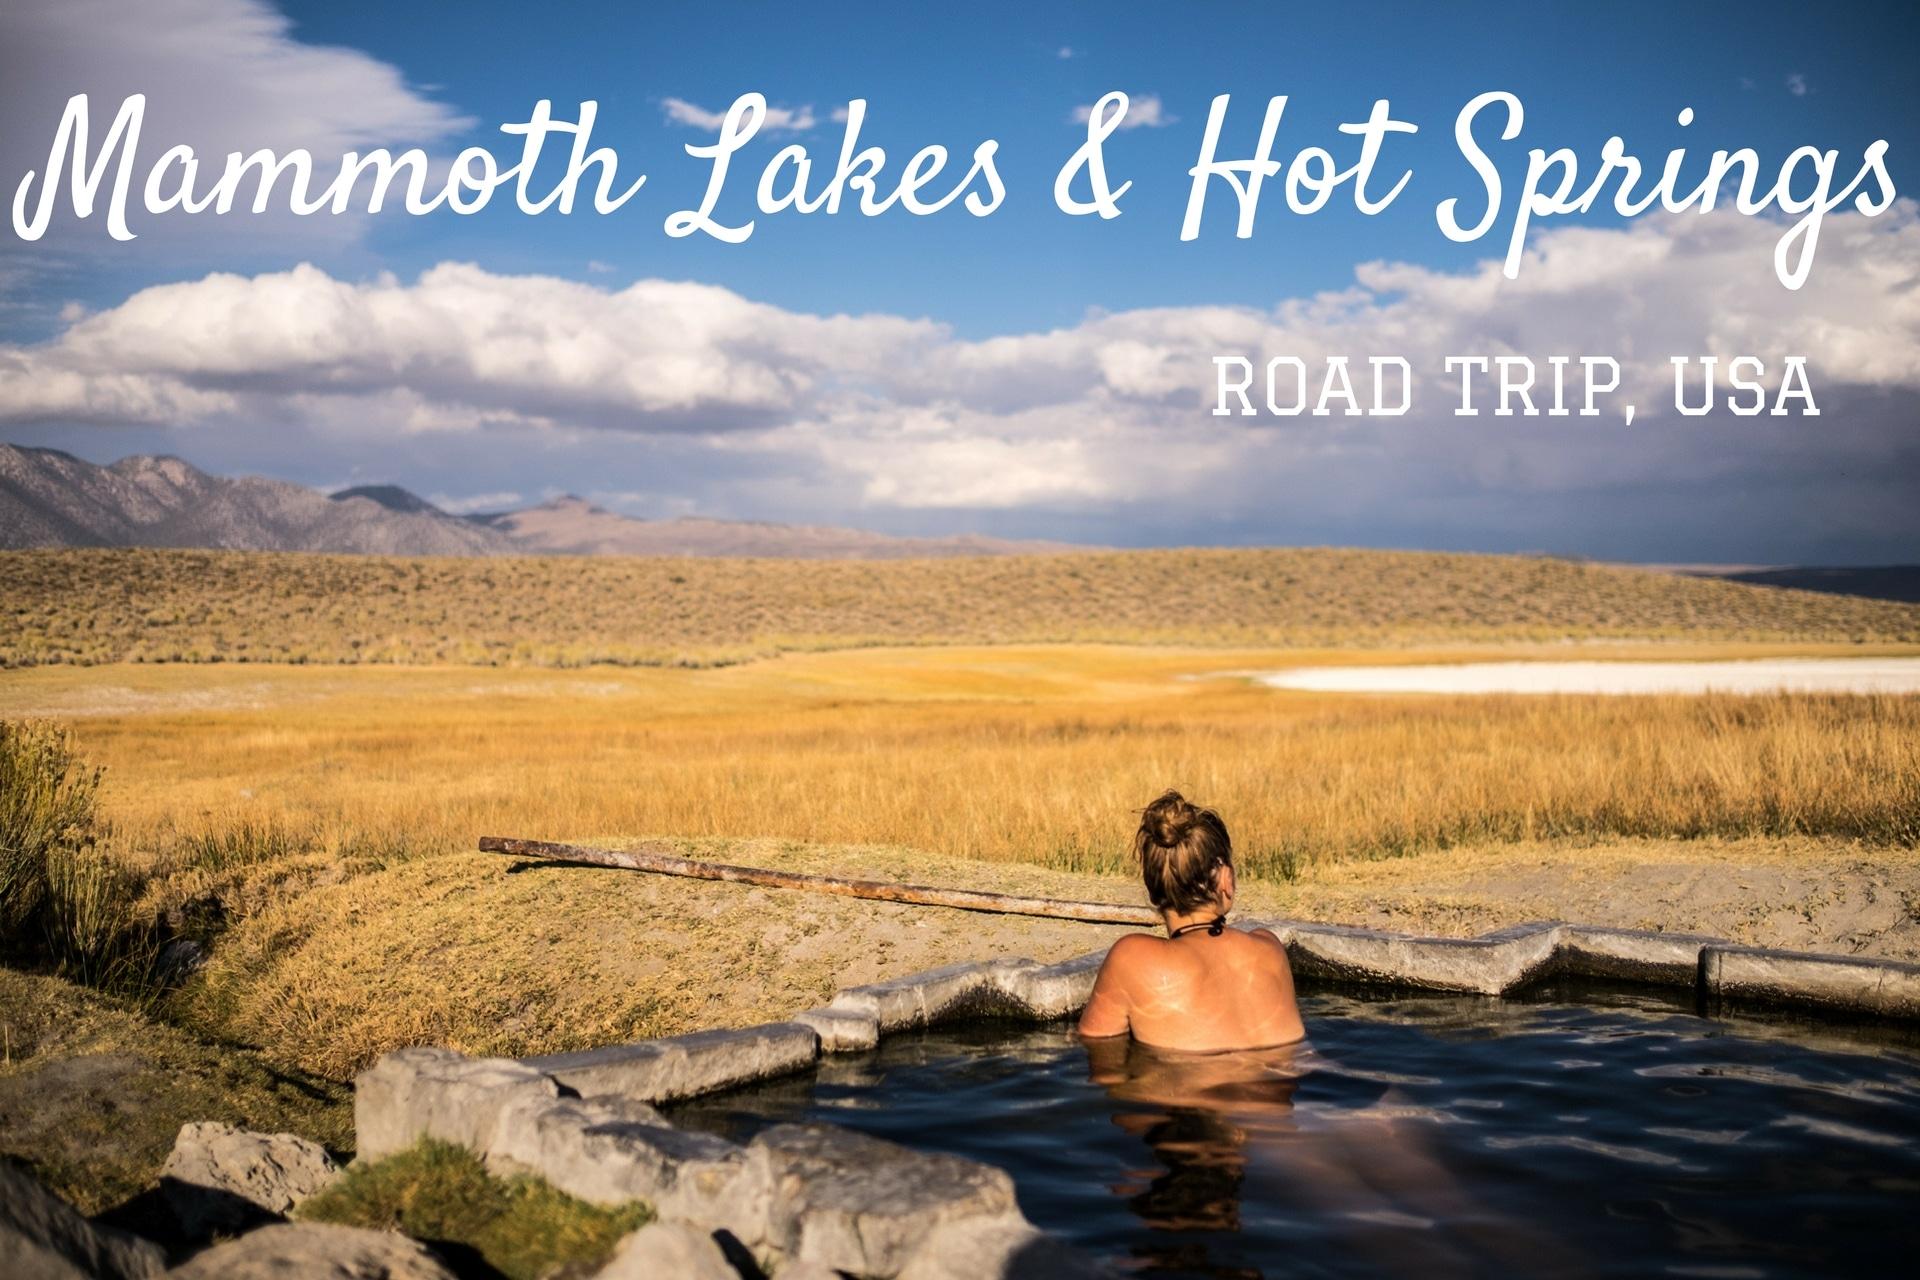 Mammoth Lakes et les sources d'eau chaude